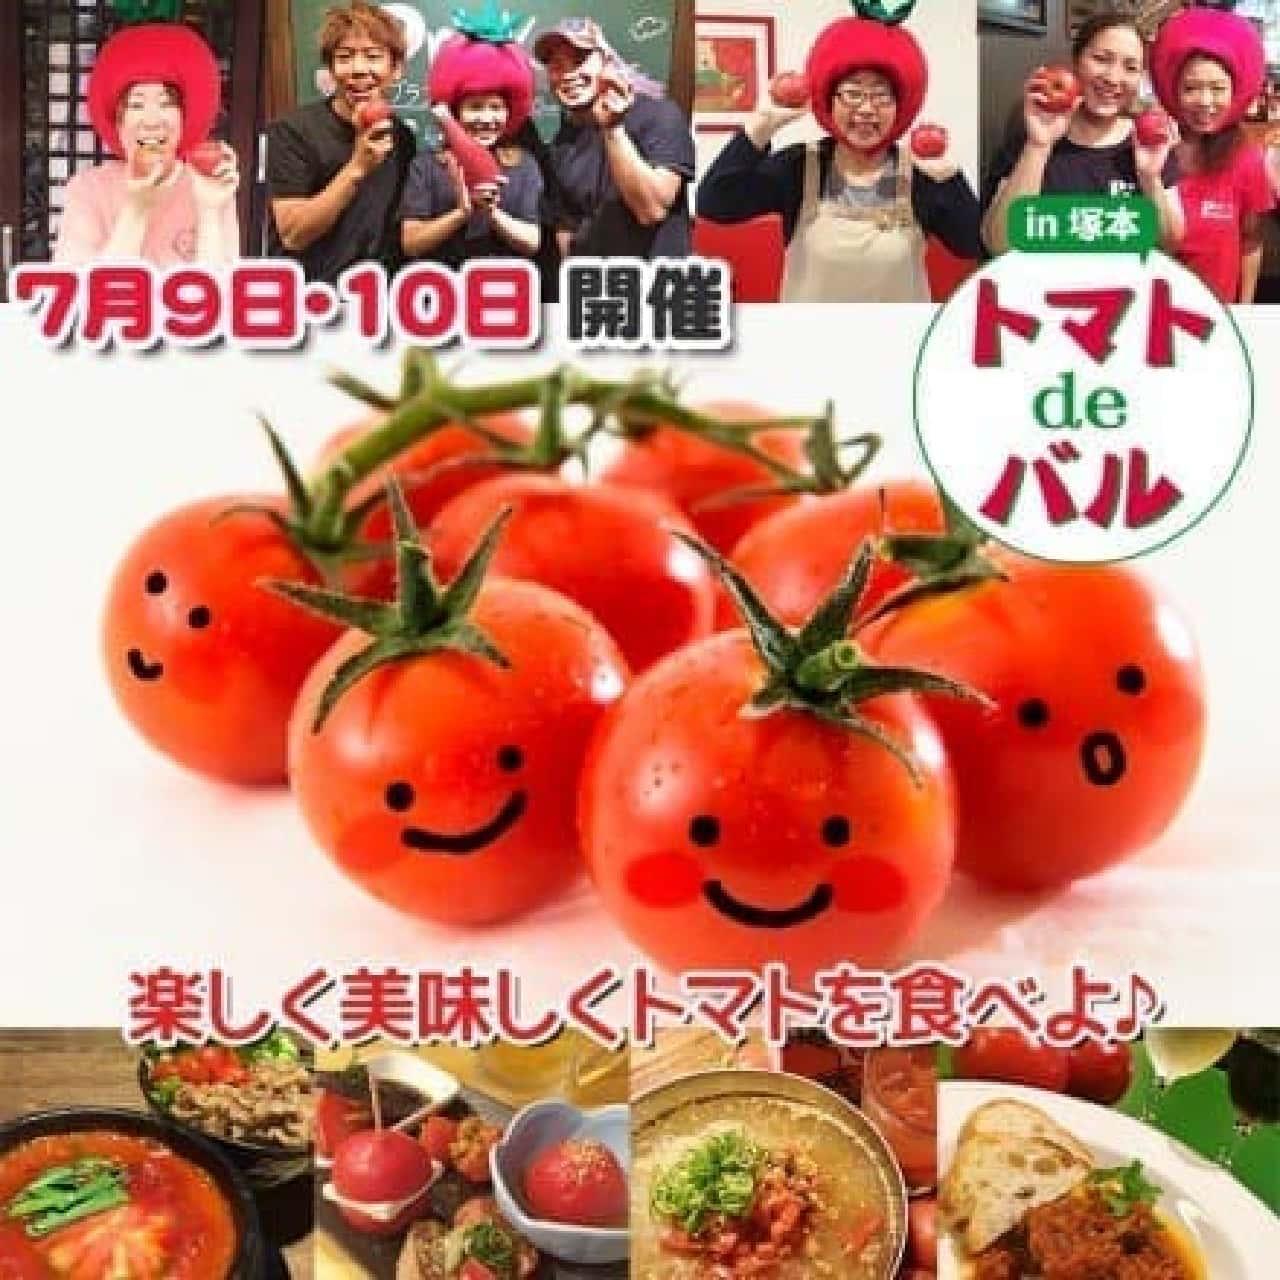 トマトdeバルin塚本